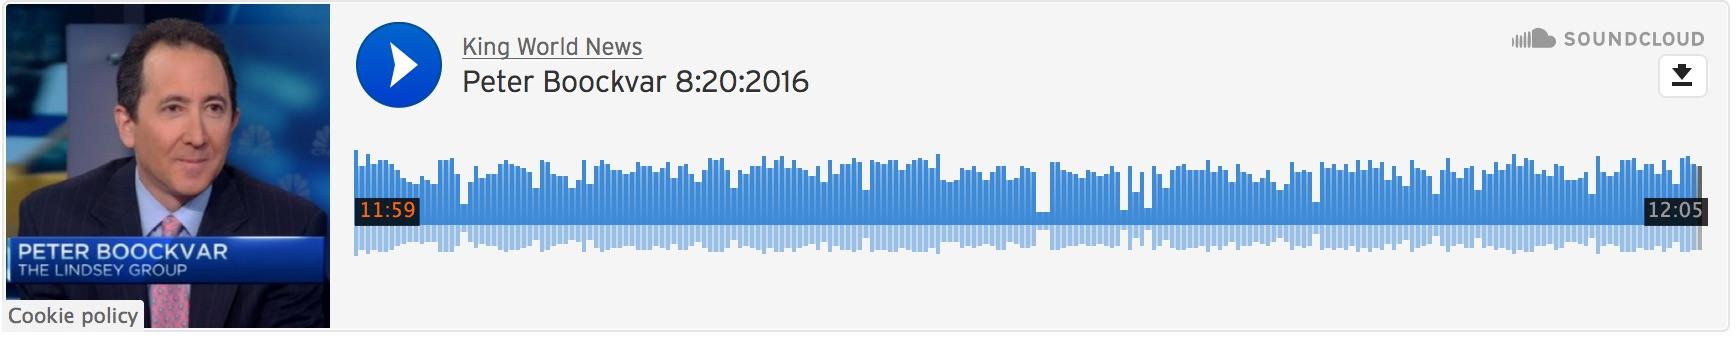 KWN Boockvar mp3 8:20:2016